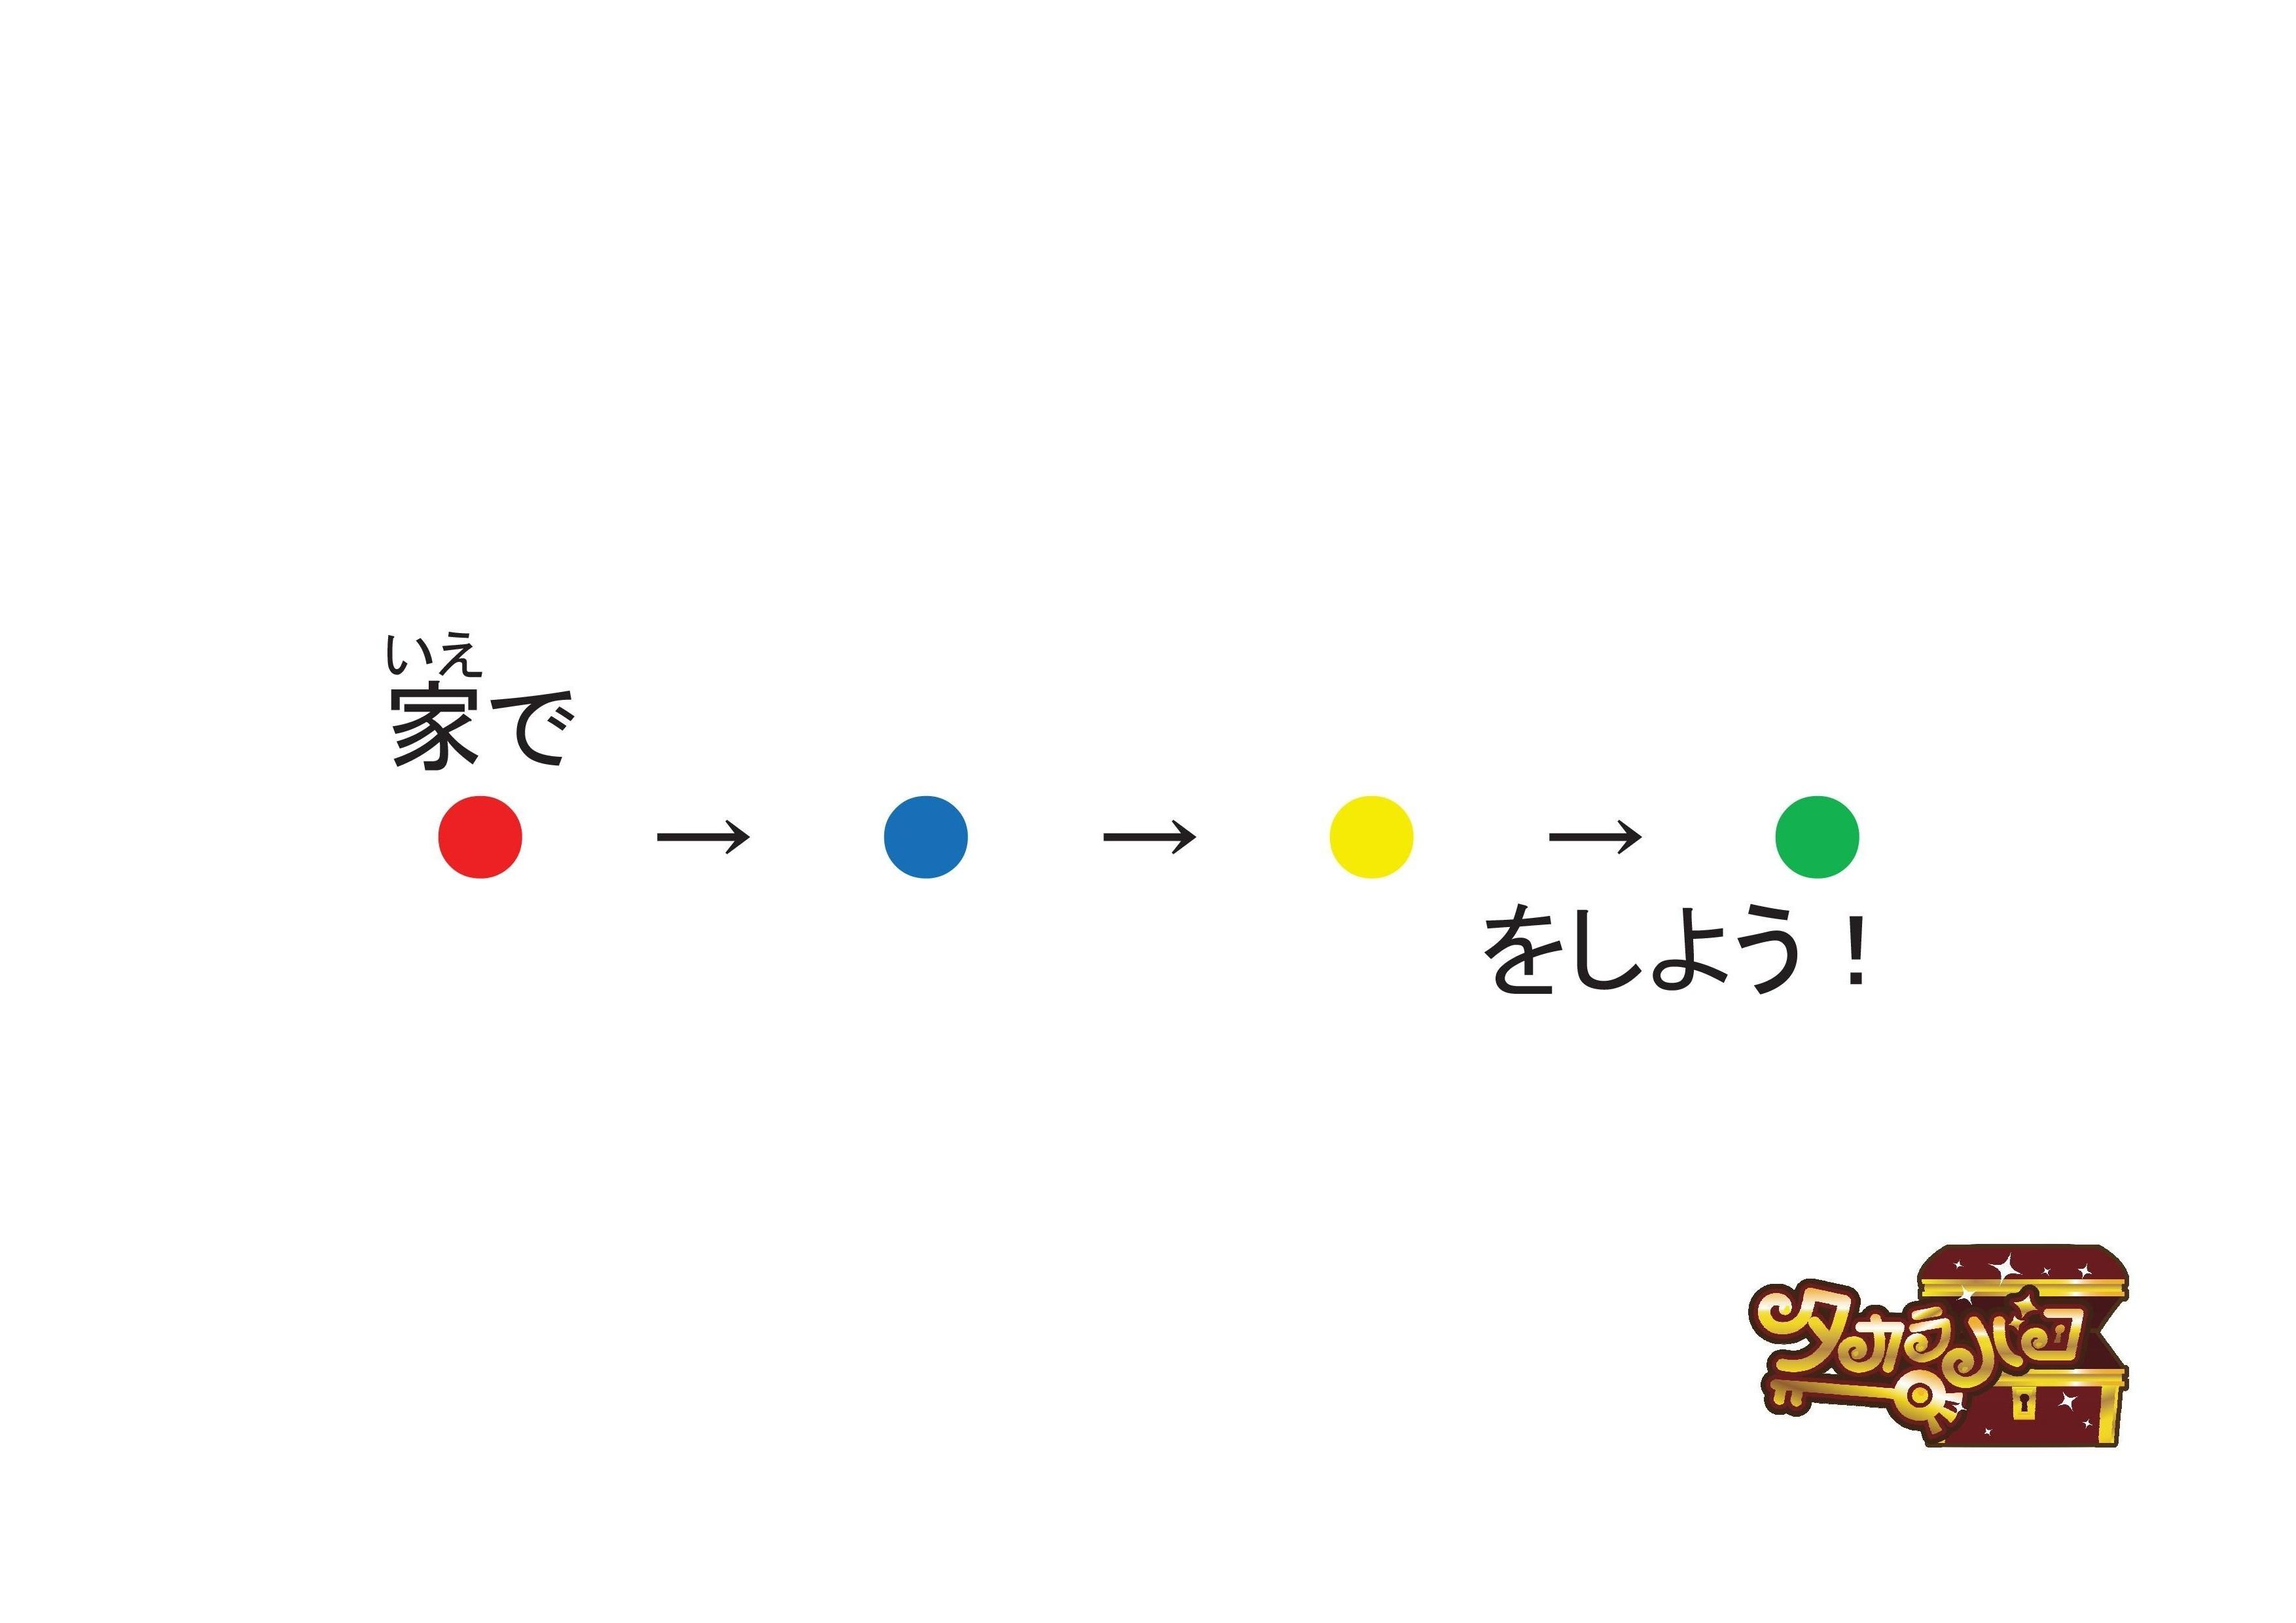 おみや002-003